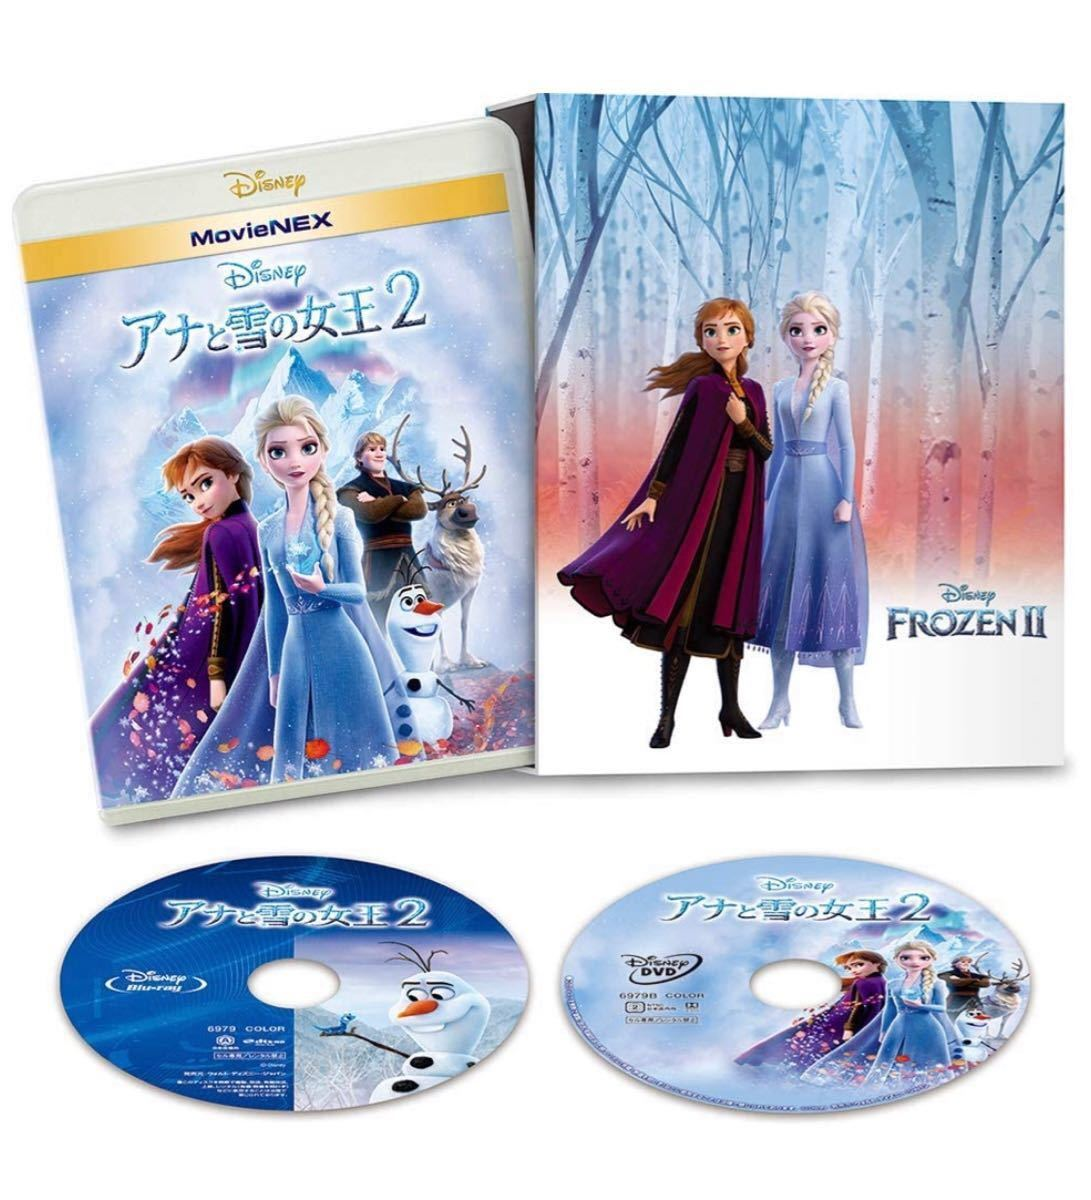 【新品未開封】アナと雪の女王2 MovieNEX 限定コンプリートケース ブルーレイ+ DVD +デジタルコピー マジックコード